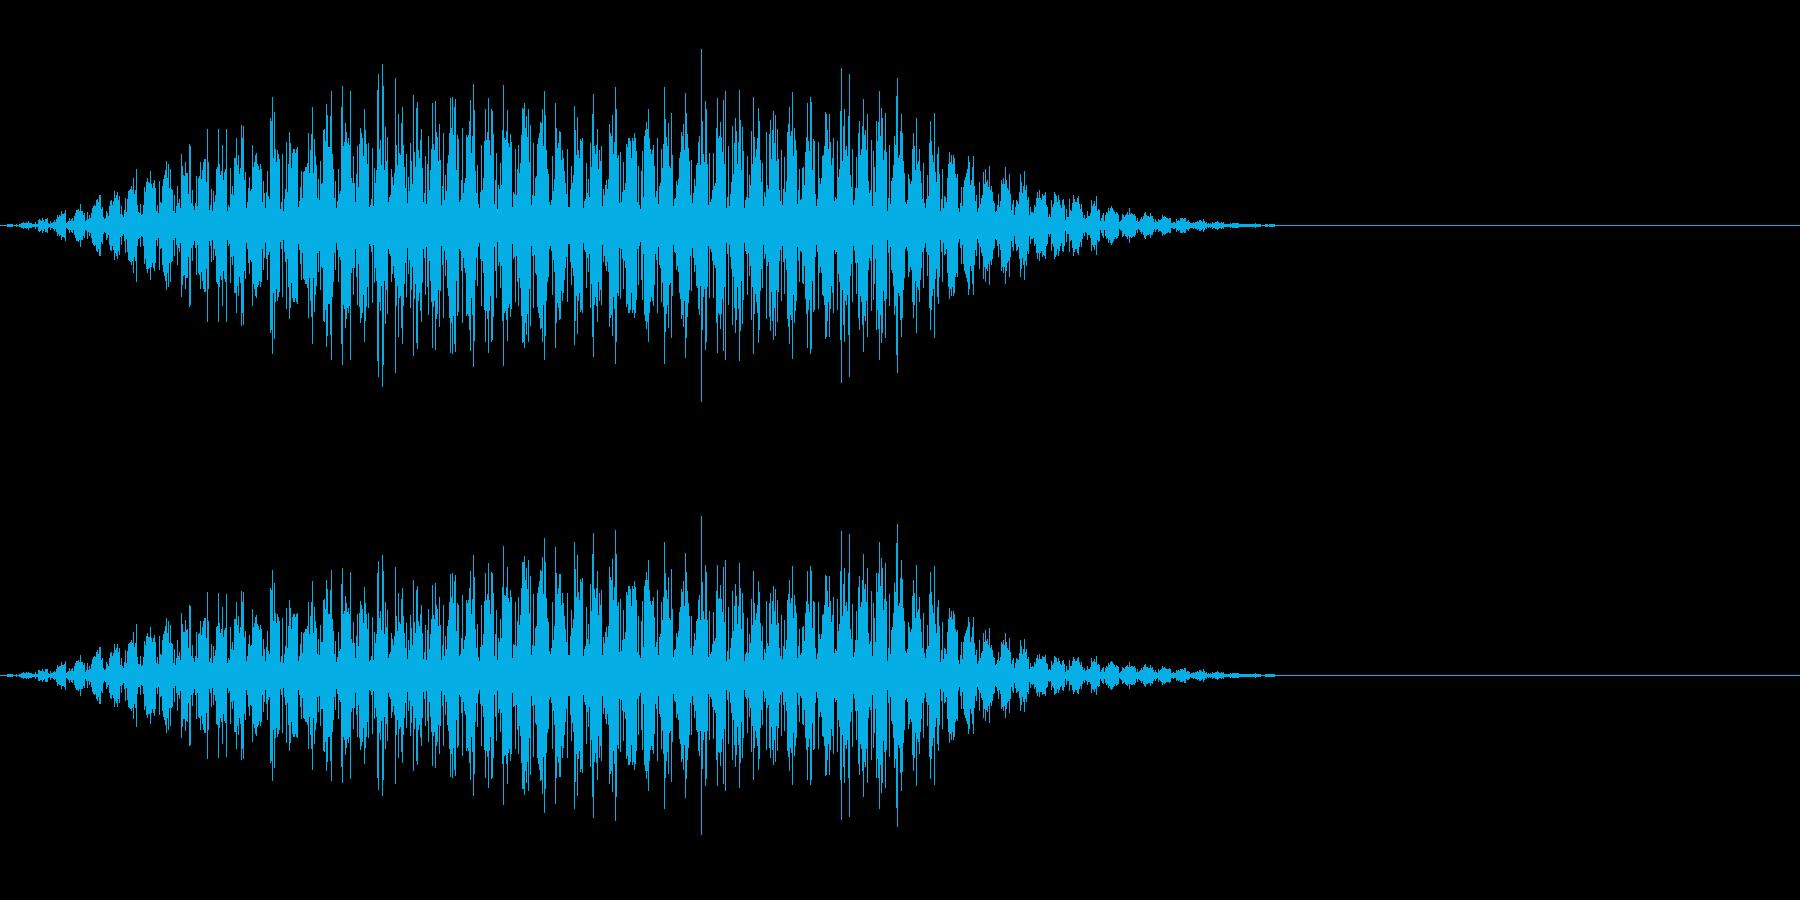 虫の羽音(ブーン/モンスター/飛ぶ)_4の再生済みの波形